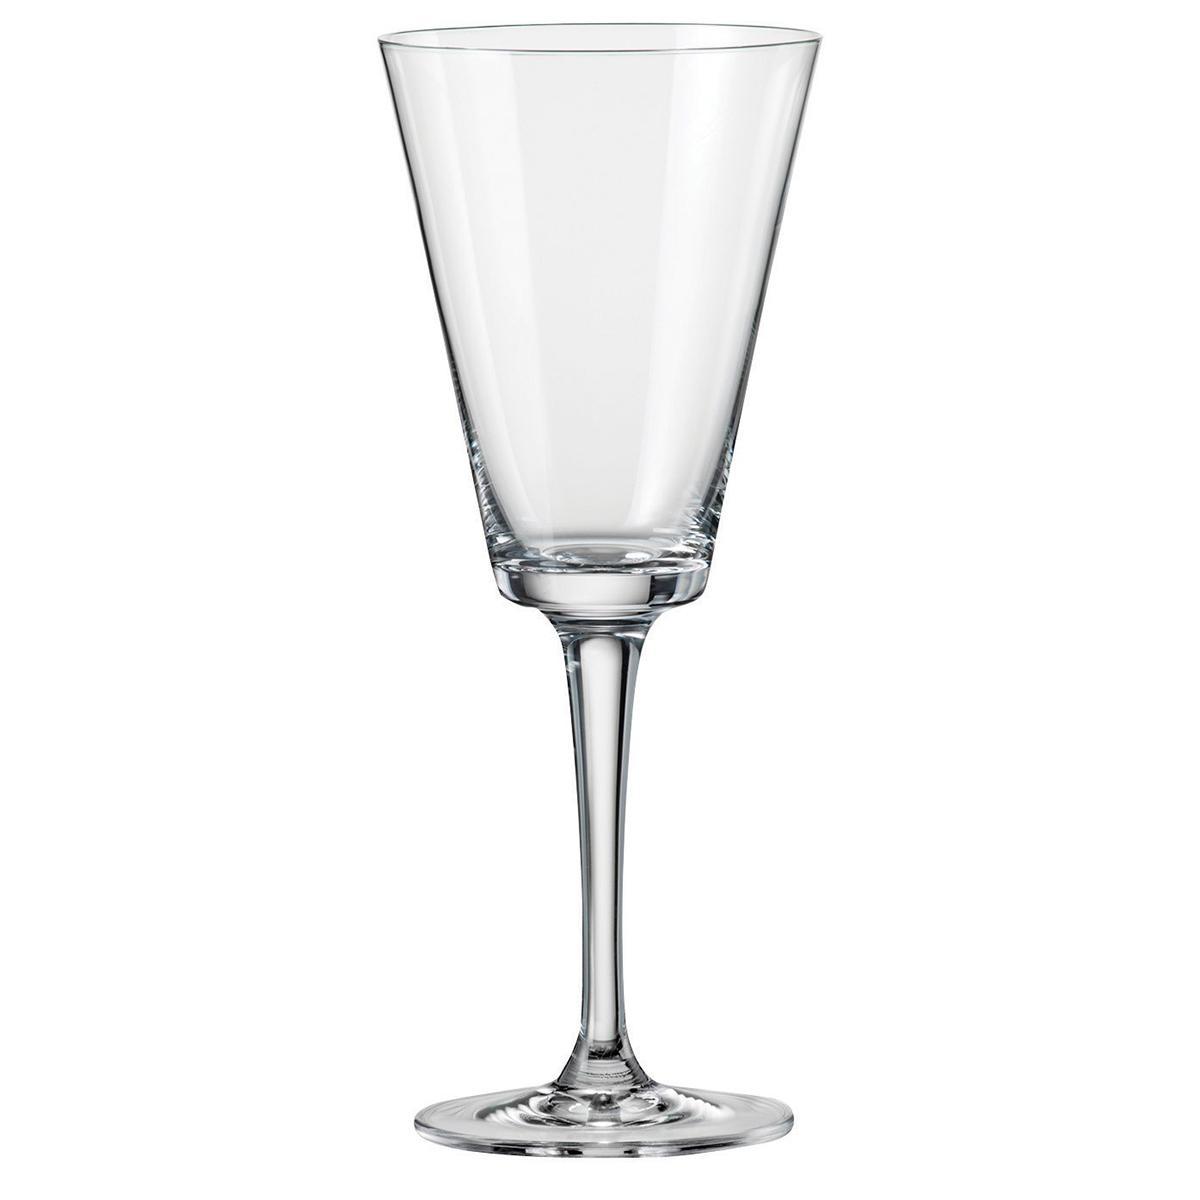 """Набор бокалов для вина """"Джайф"""" - изделие из богемского стекла Crystalex одного из старейших производителей Чехии. История появления стекла насчитывает более десяти веков. Стекло Crystalex обладает гораздо лучшими эксплуатационными и эстетическими свойствами, чем любое другое. Оно более блестящее, более прозрачное и одновременно более прочное. Изысканные переливы, игра света, красота и изящные формы изделий не перестают поражать своим великолепием. Любое изделие из богемского стекла станет изысканным подарком к празднику или торжественному событию. Красота и роскошь изделия непременно будут оценены по достоинству."""